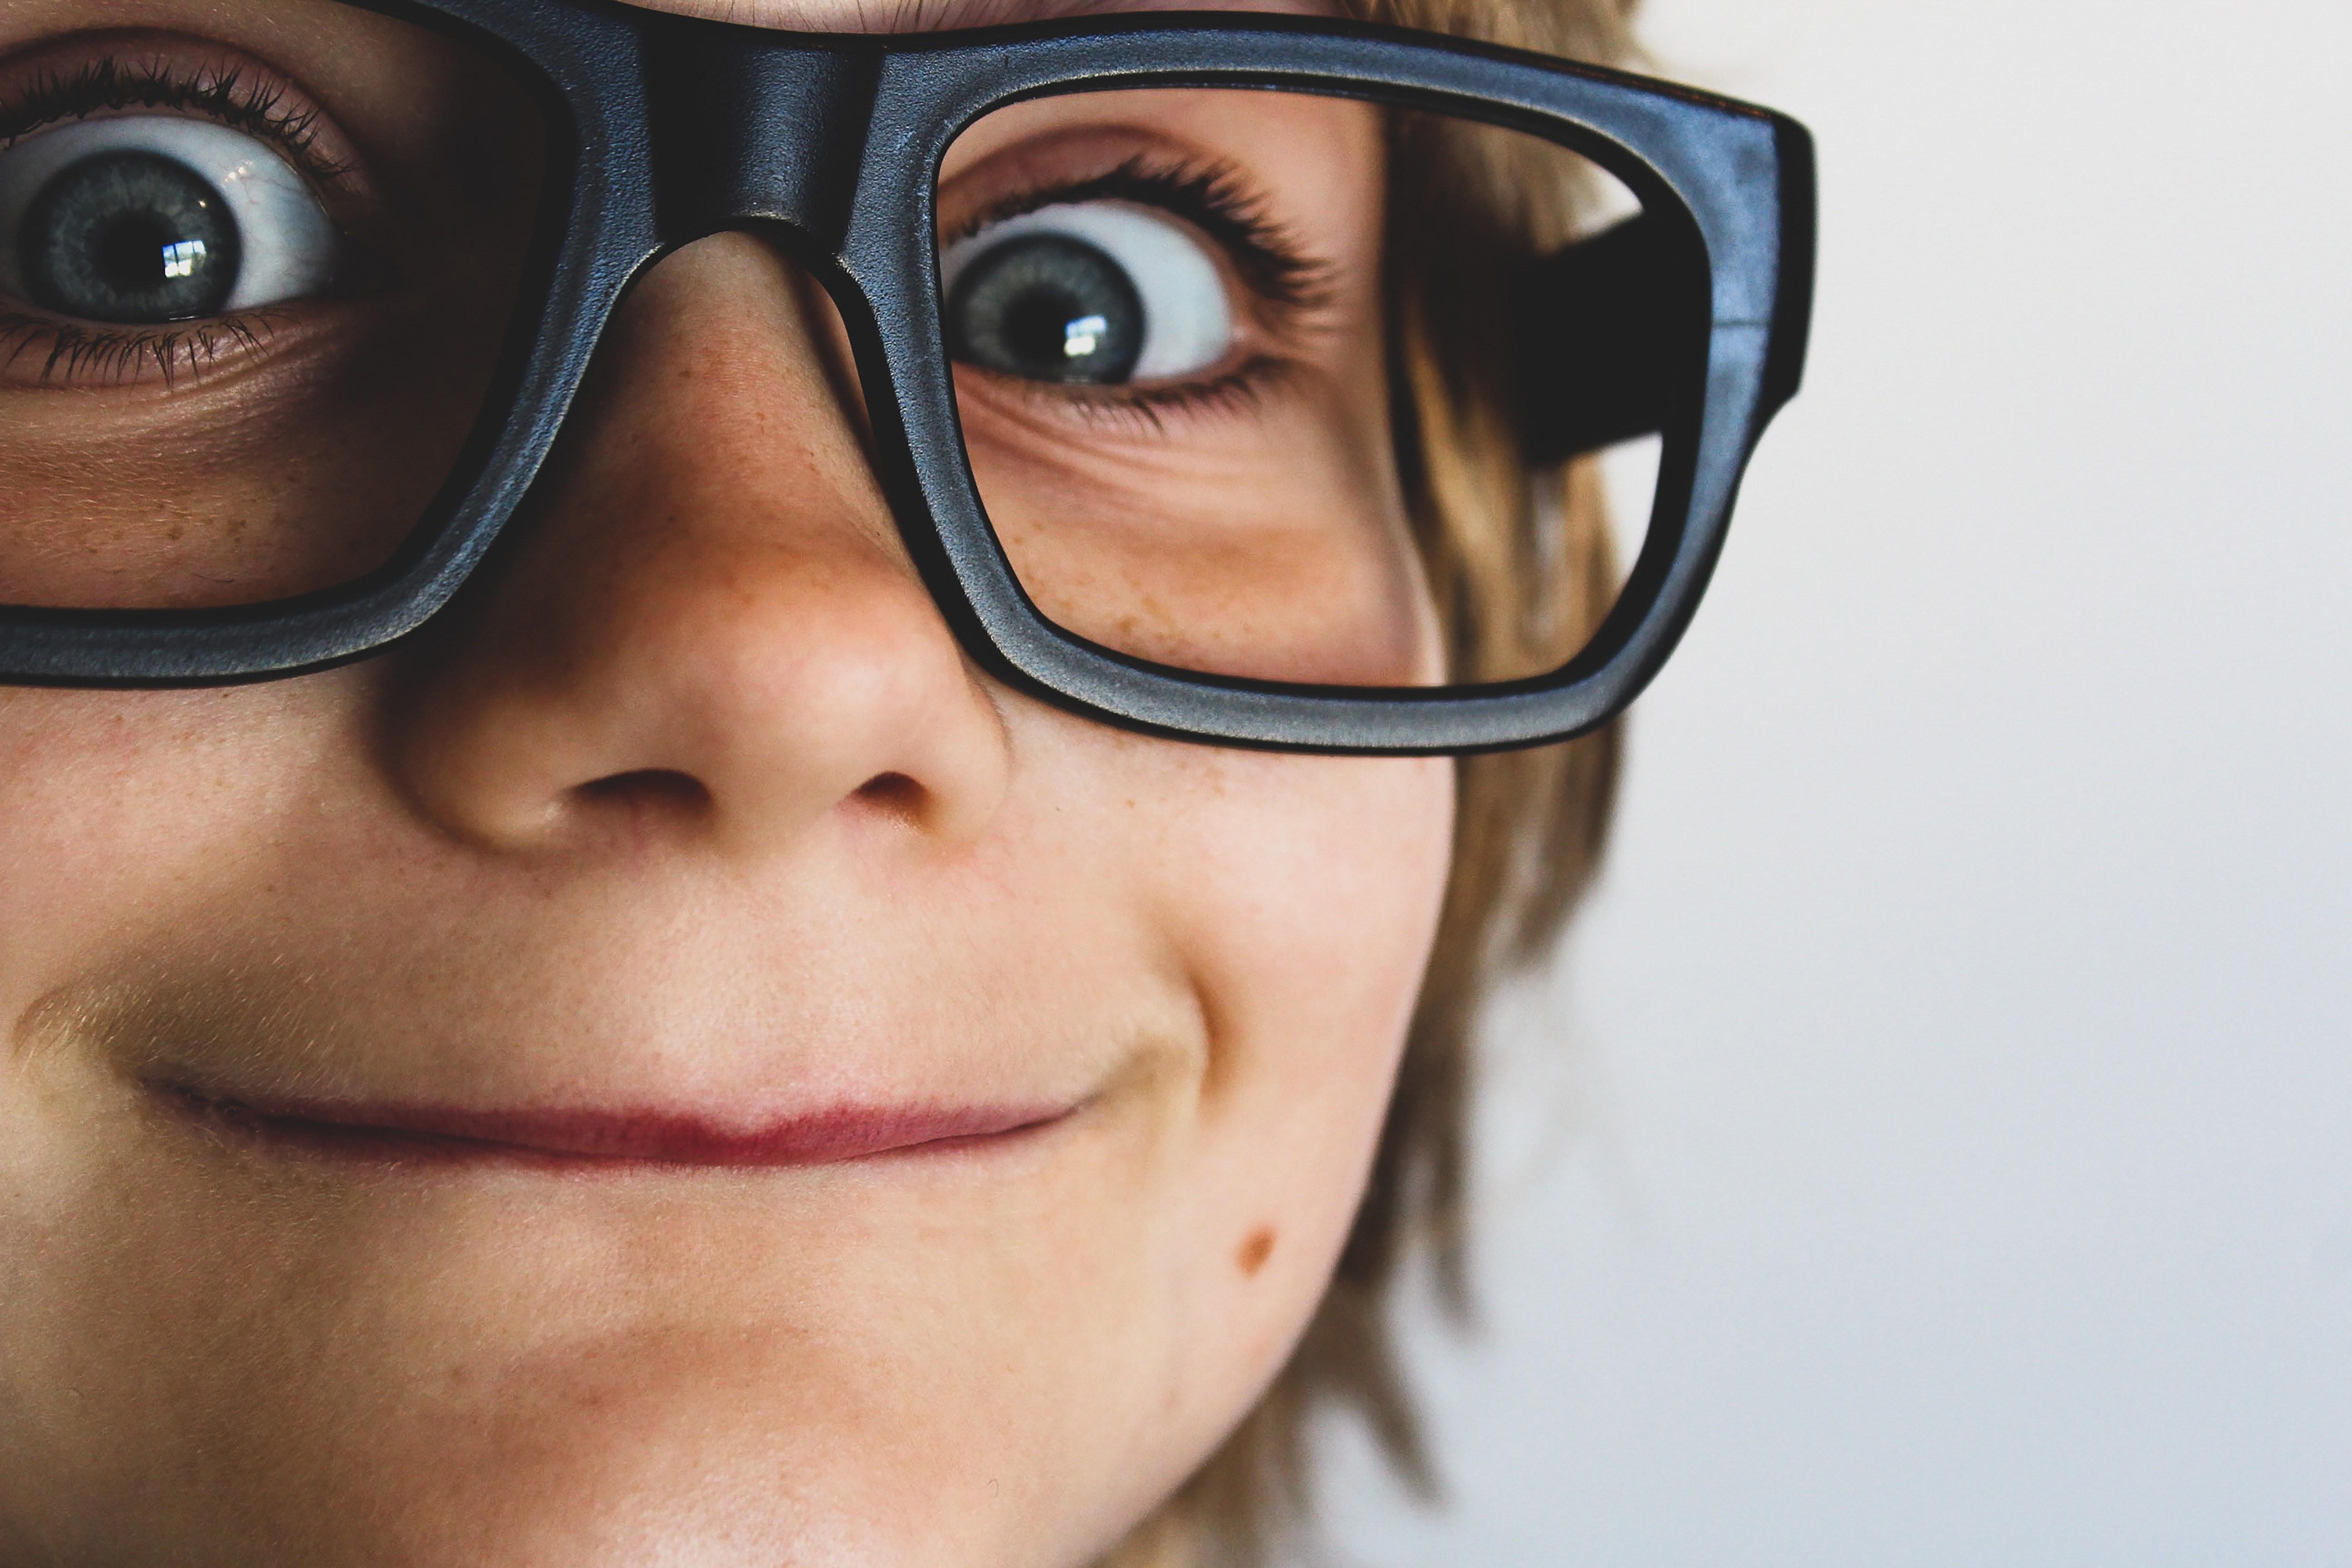 25 вопросов, которые можно задать ребенку вместо «Как дела в школе?»